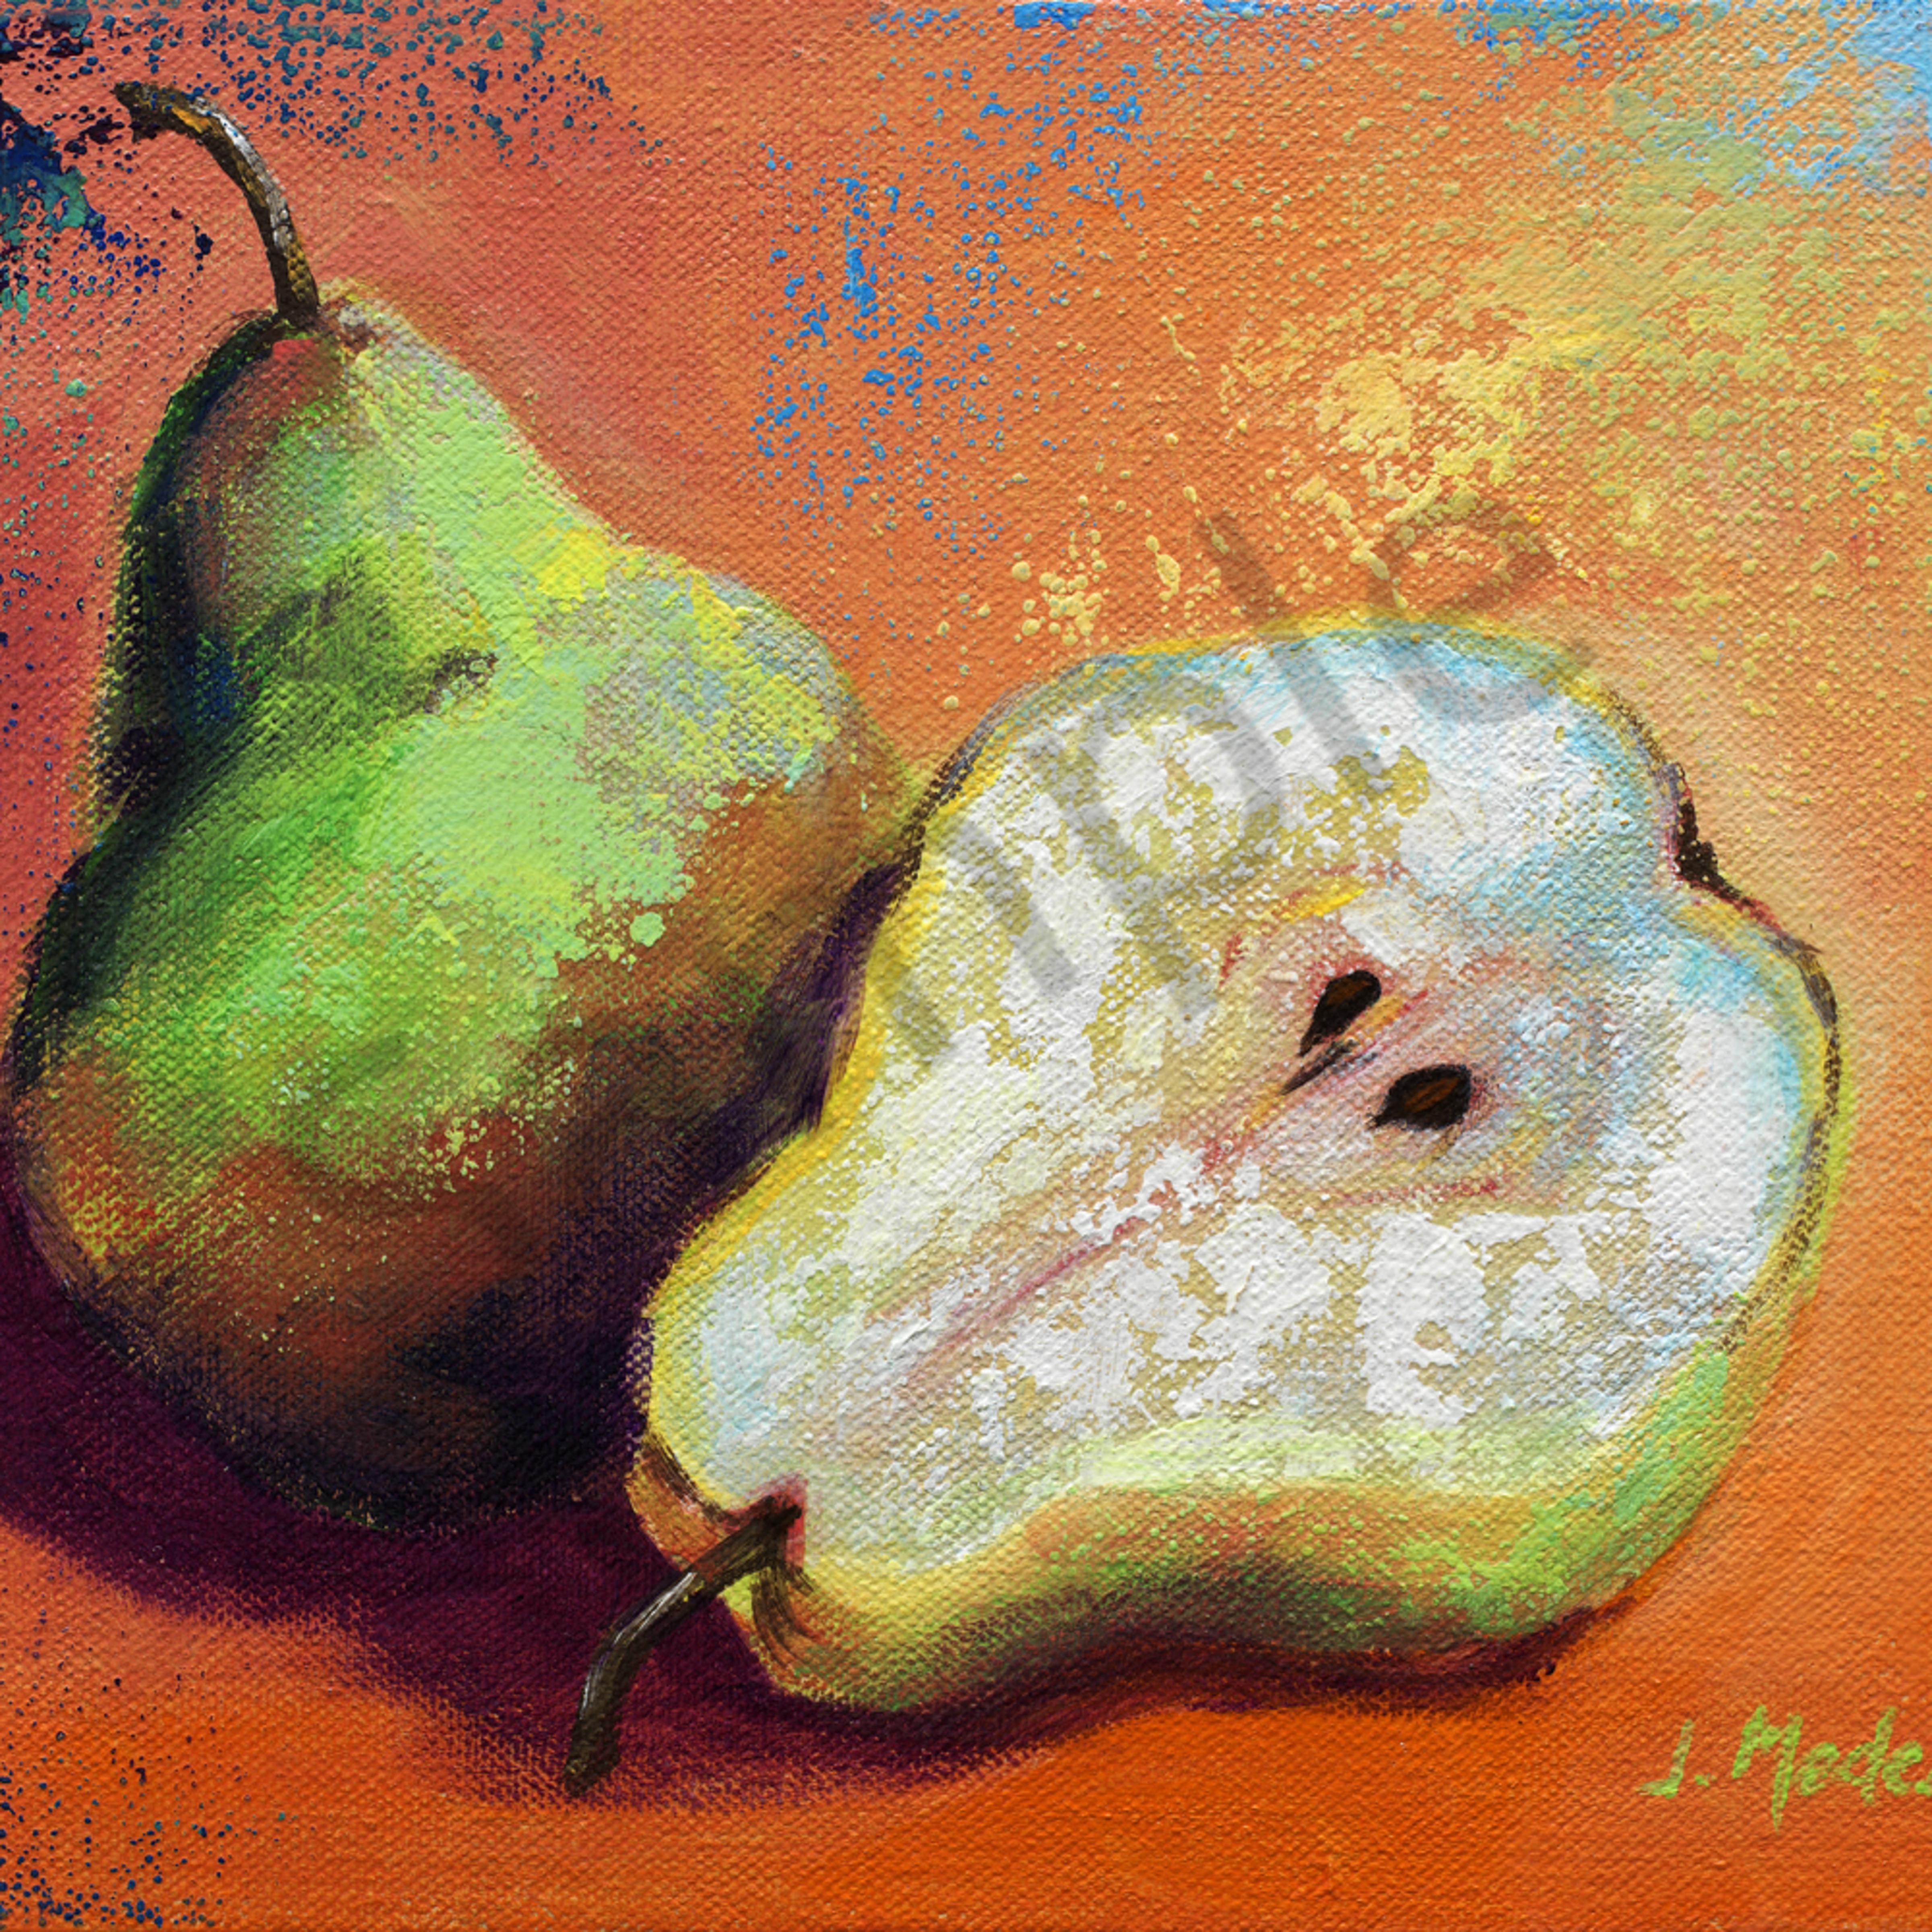 5 pears 8x10 crop b flat 82m xdsgao